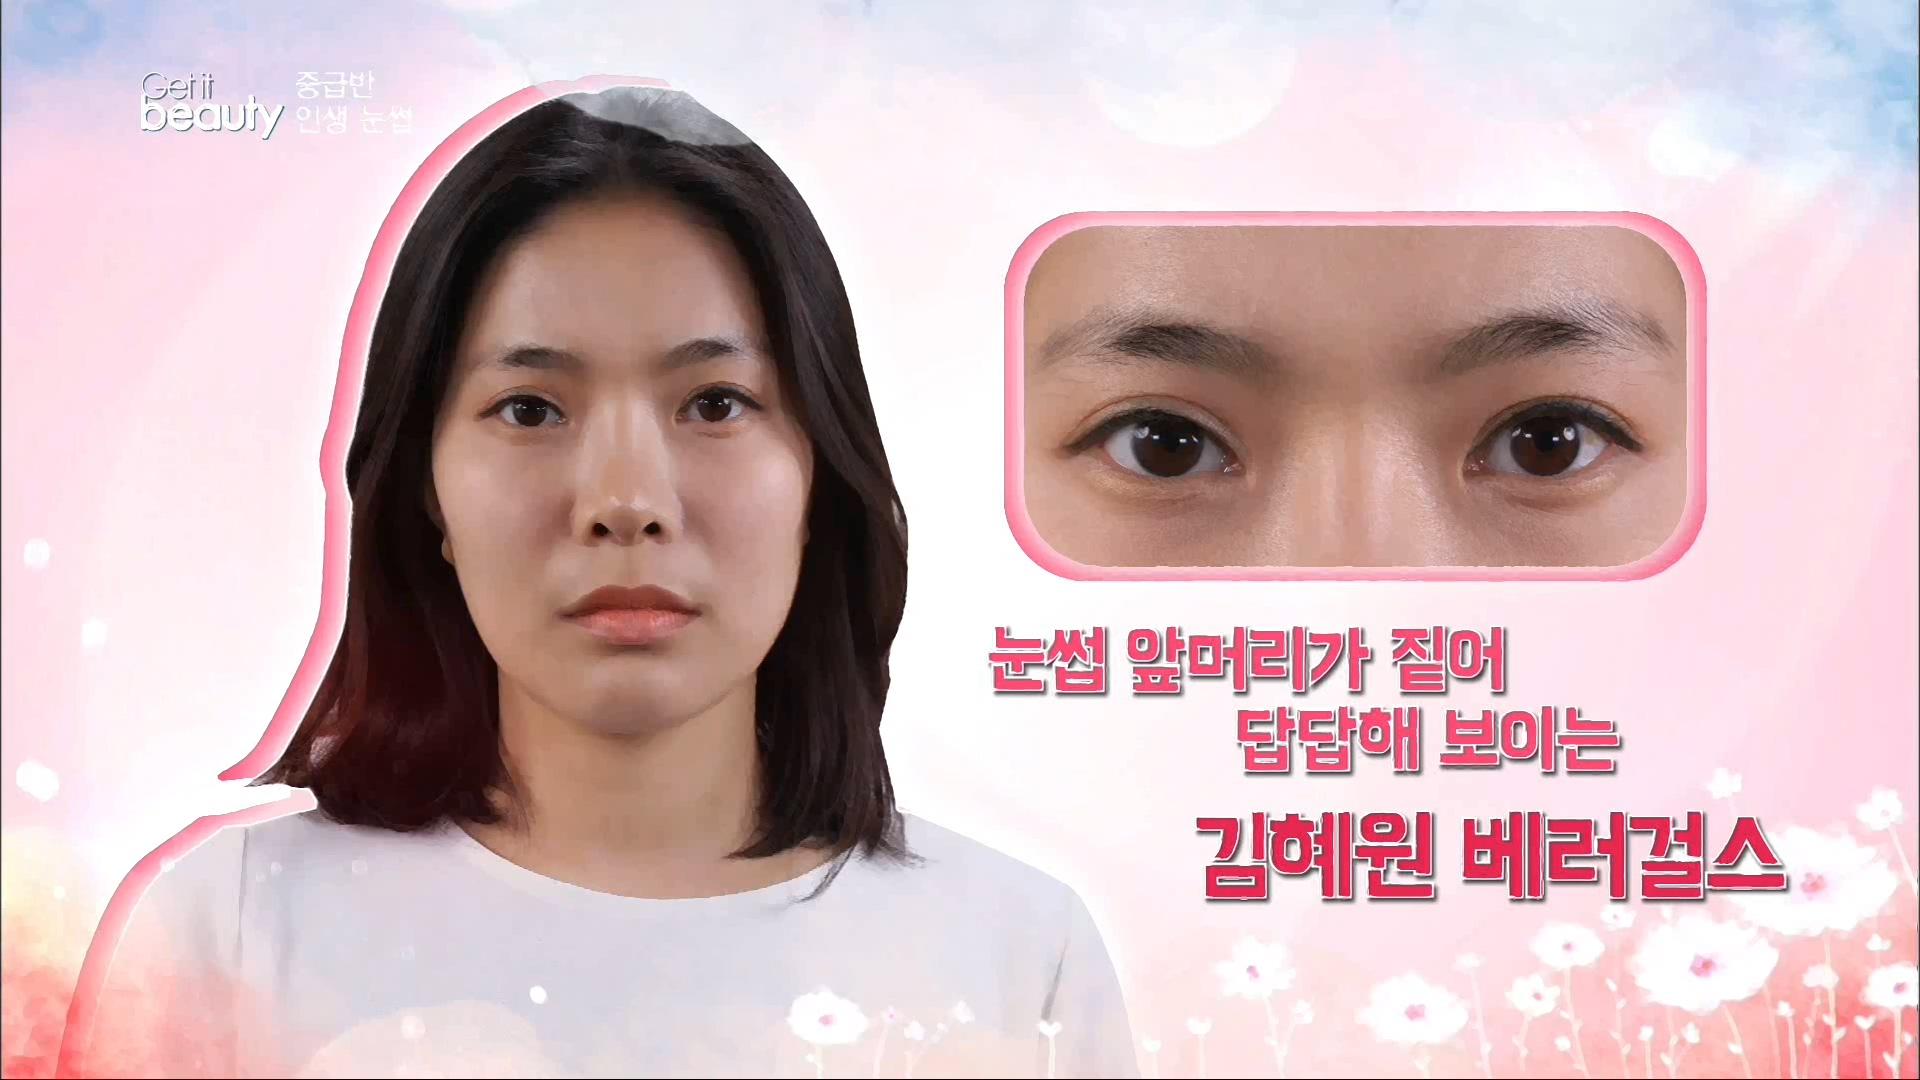 첫번째 베러걸스는 눈썹 앞머리가 짙어 답답해 보이는 김혜원 베러걸스예요